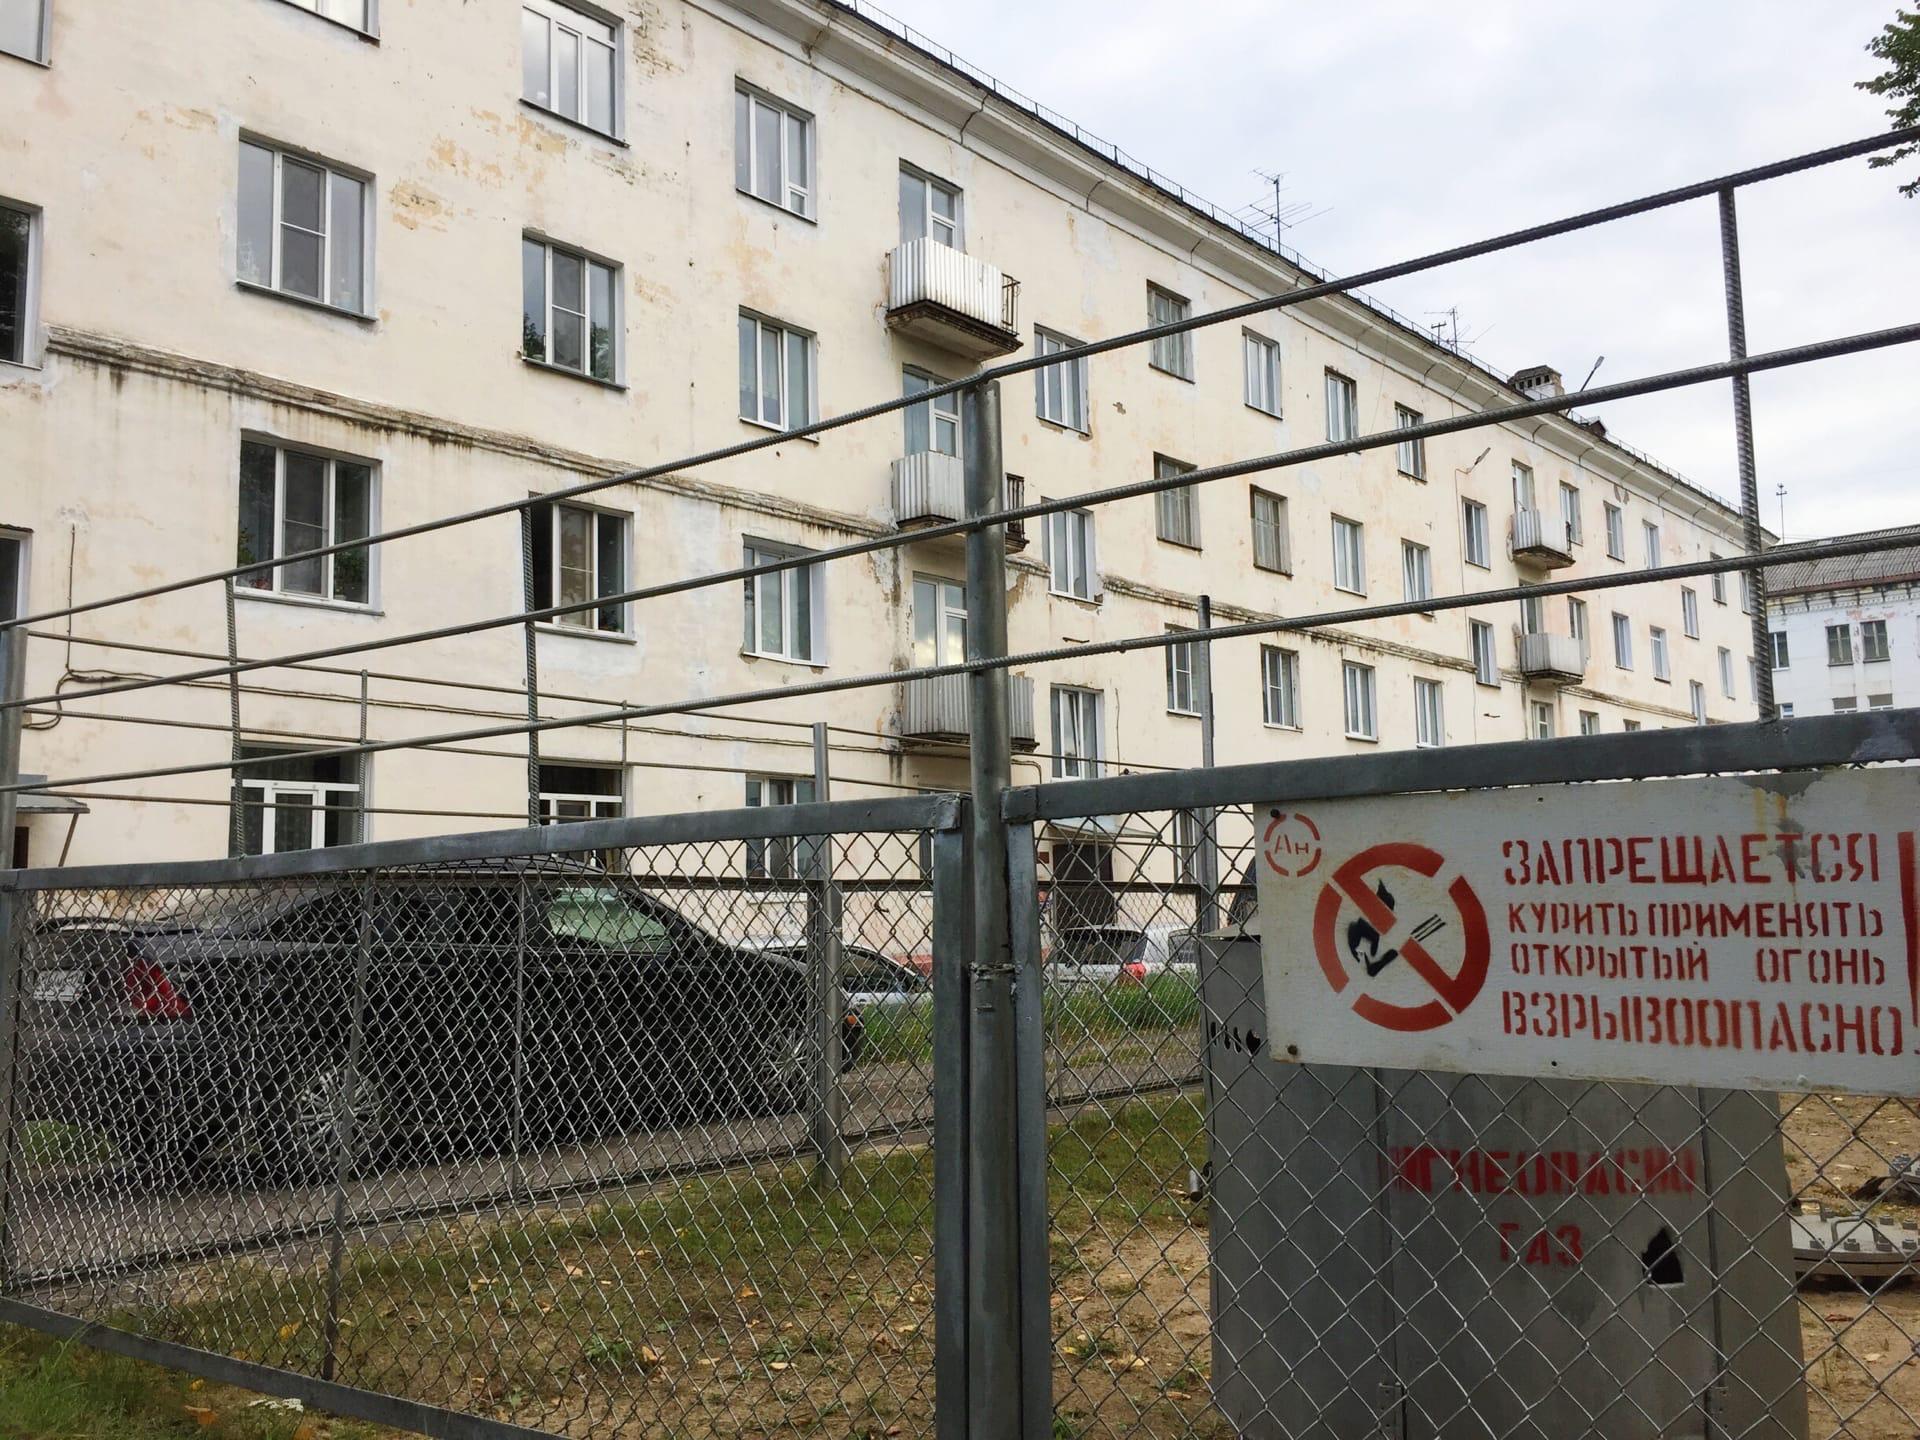 Зеленогорск, закрытый город в Красноярском крае - Фото